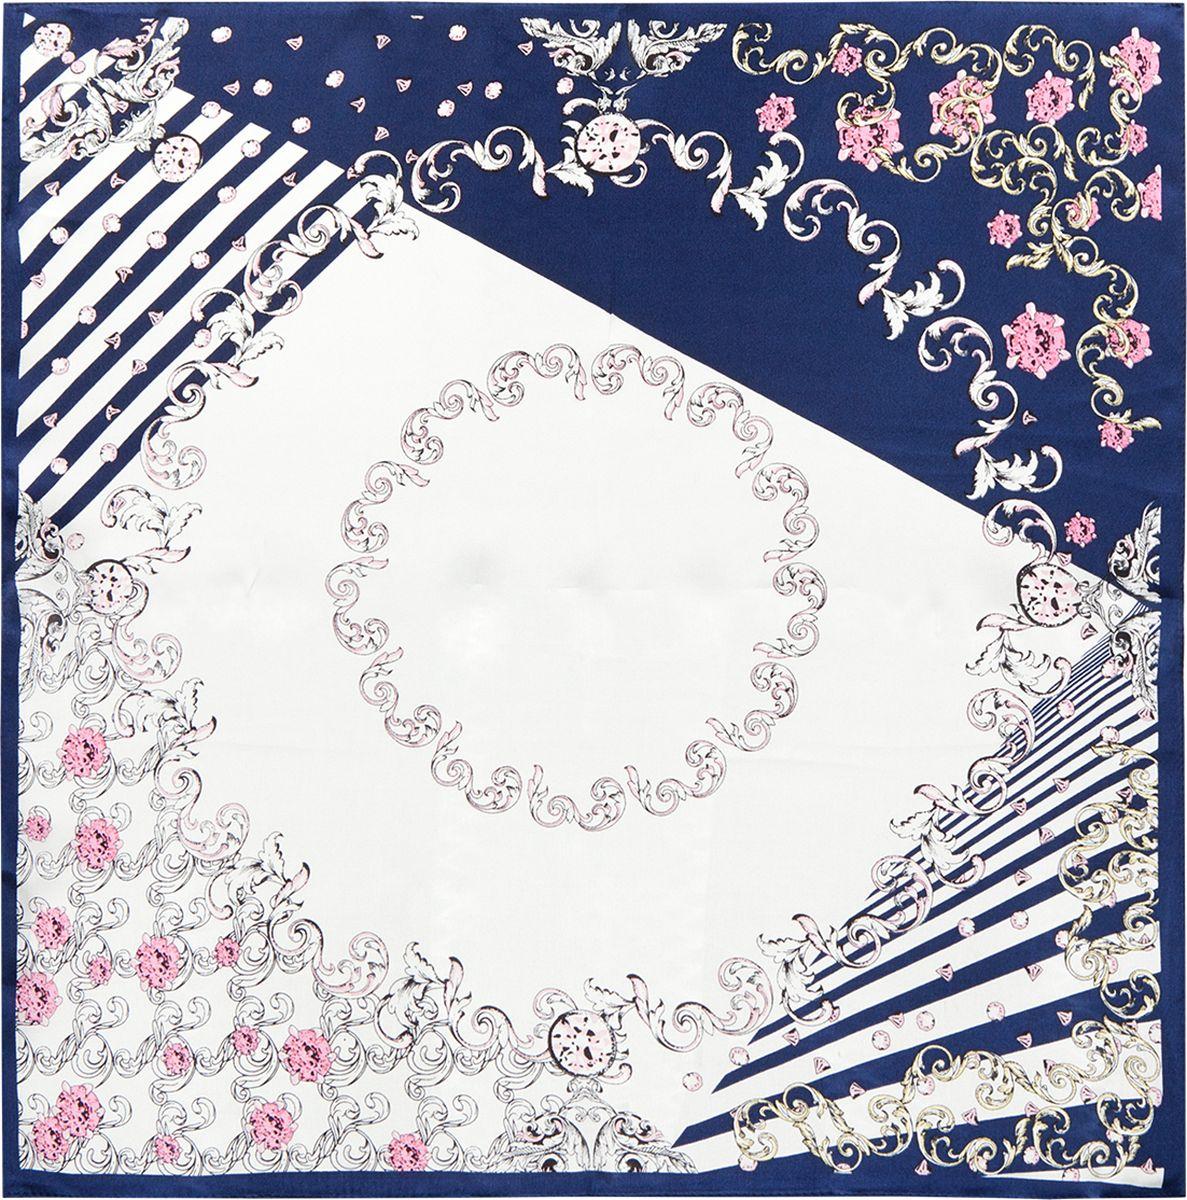 Платок женский Eleganzza, цвет: синий. SS03-7880. Размер 53 см х 53 смSS03-7880Платок Eleganzza изготовлен из шелка. Модель оформлена контрастным принтом. Использование такого стильного аксессуара позволит создать несколько образов и настроений.